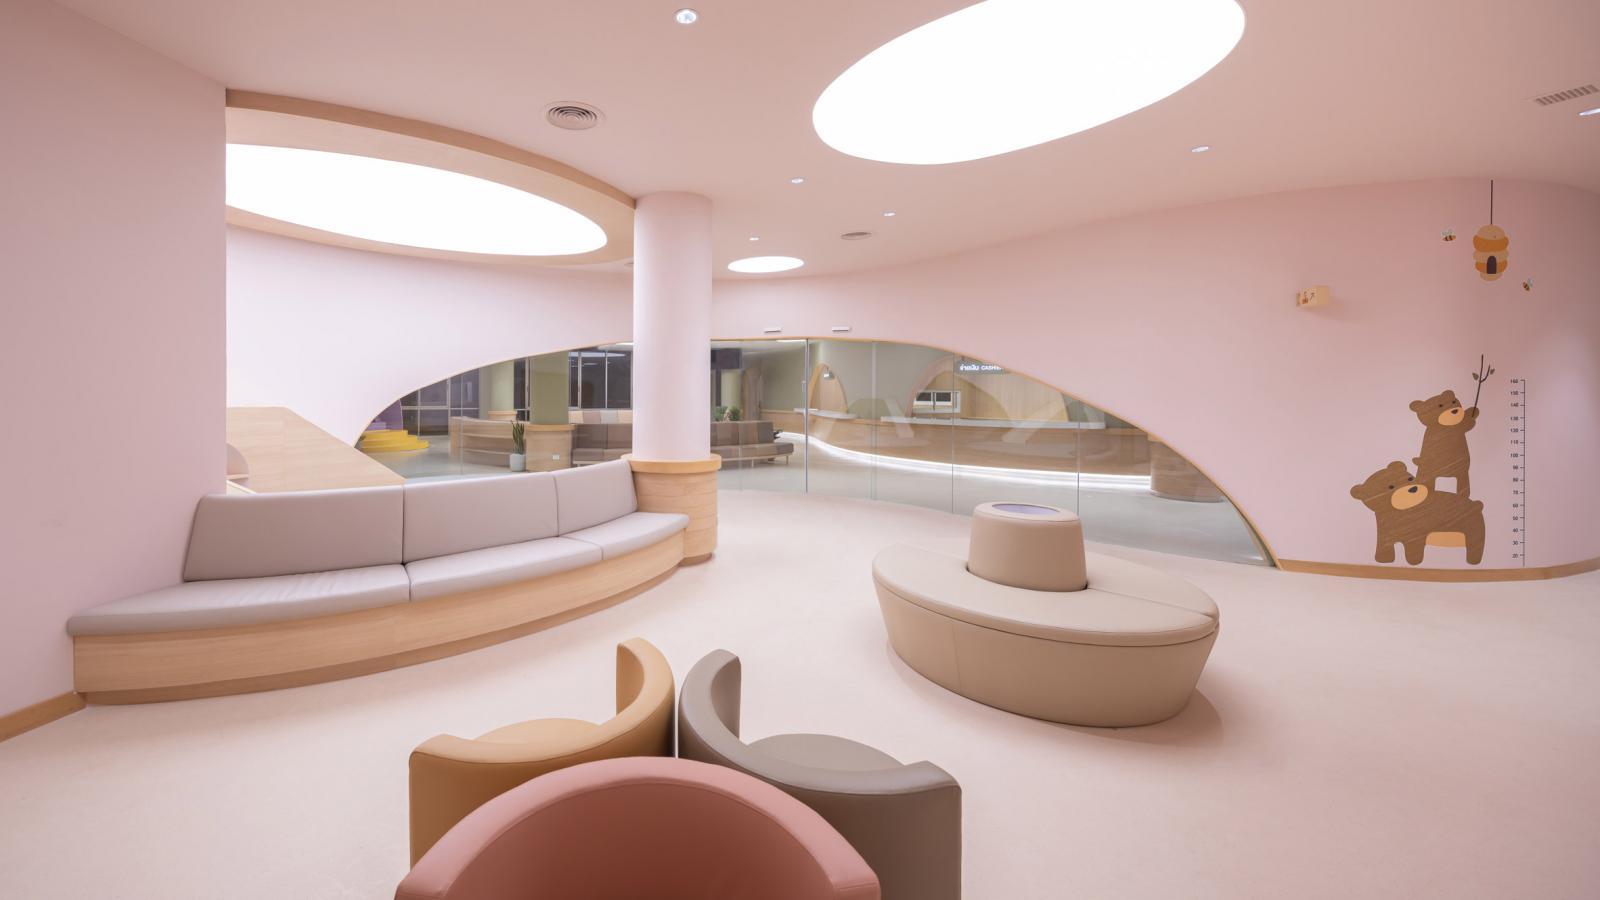 Phòng chờ màu hồng có khu vui chơi và ghế dài êm ái cho trẻ nghỉ ngơi, thư giãn.